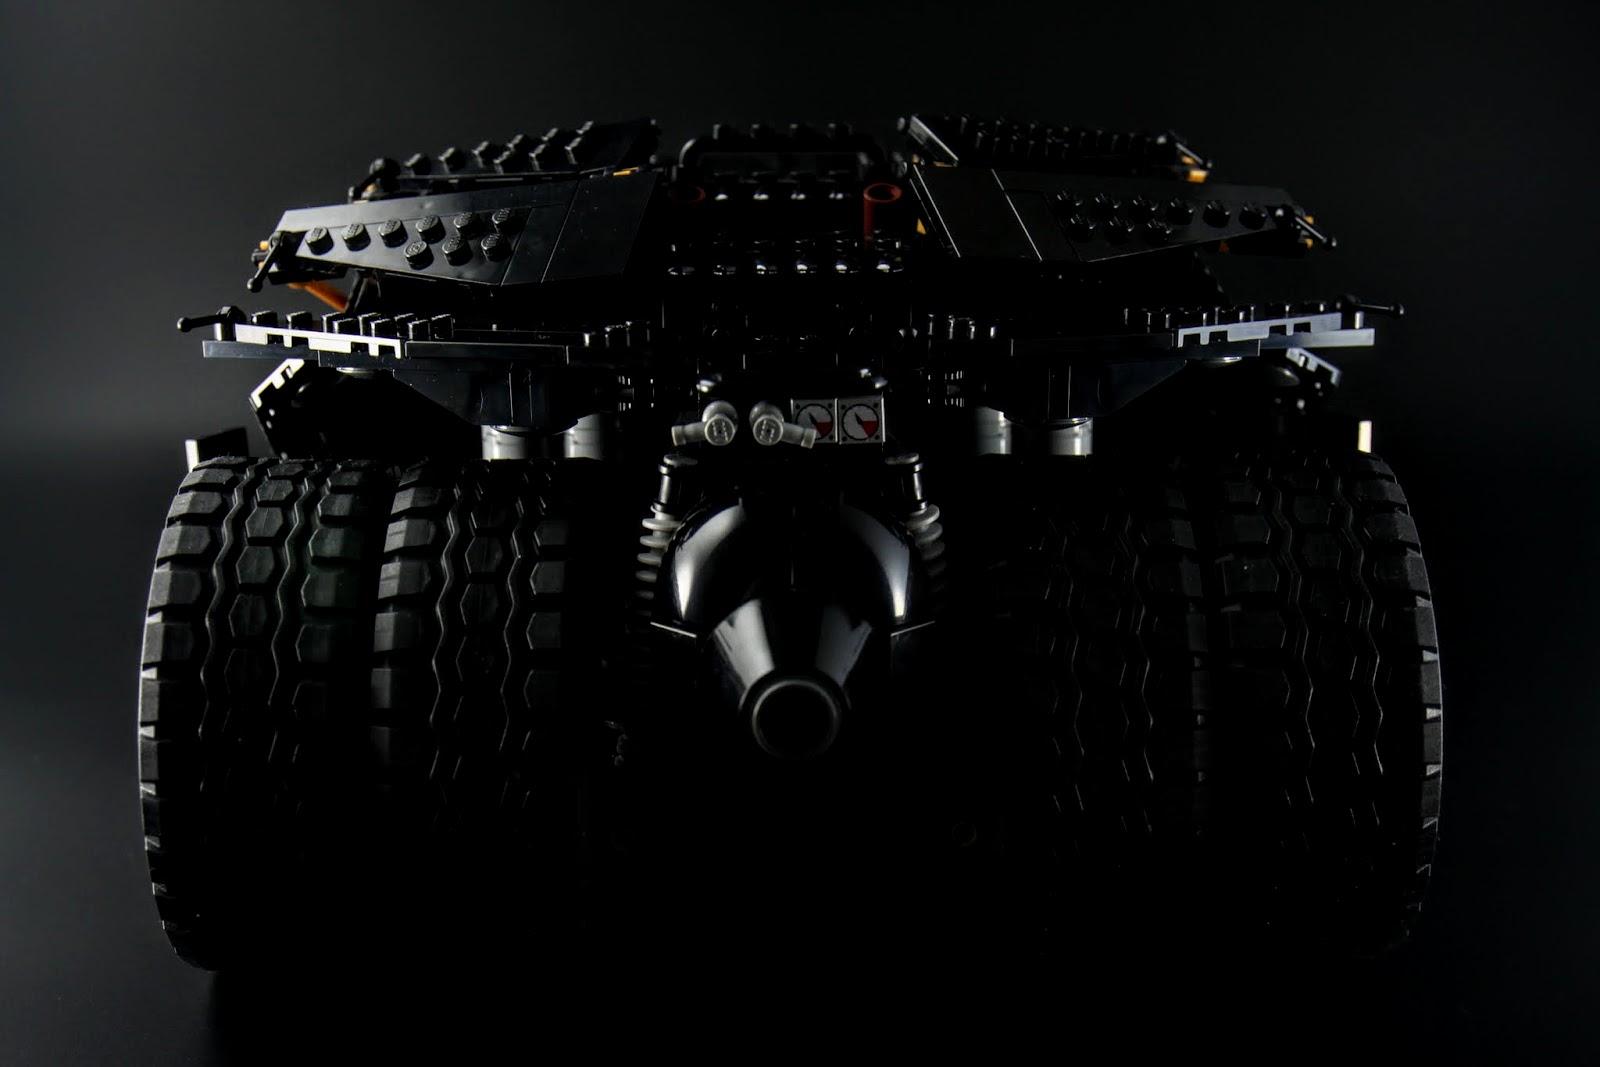 Tumbler屁股實在是很誘人,四個大車輪再加上歷代蝙蝠車都有的~噴火孔(笑)